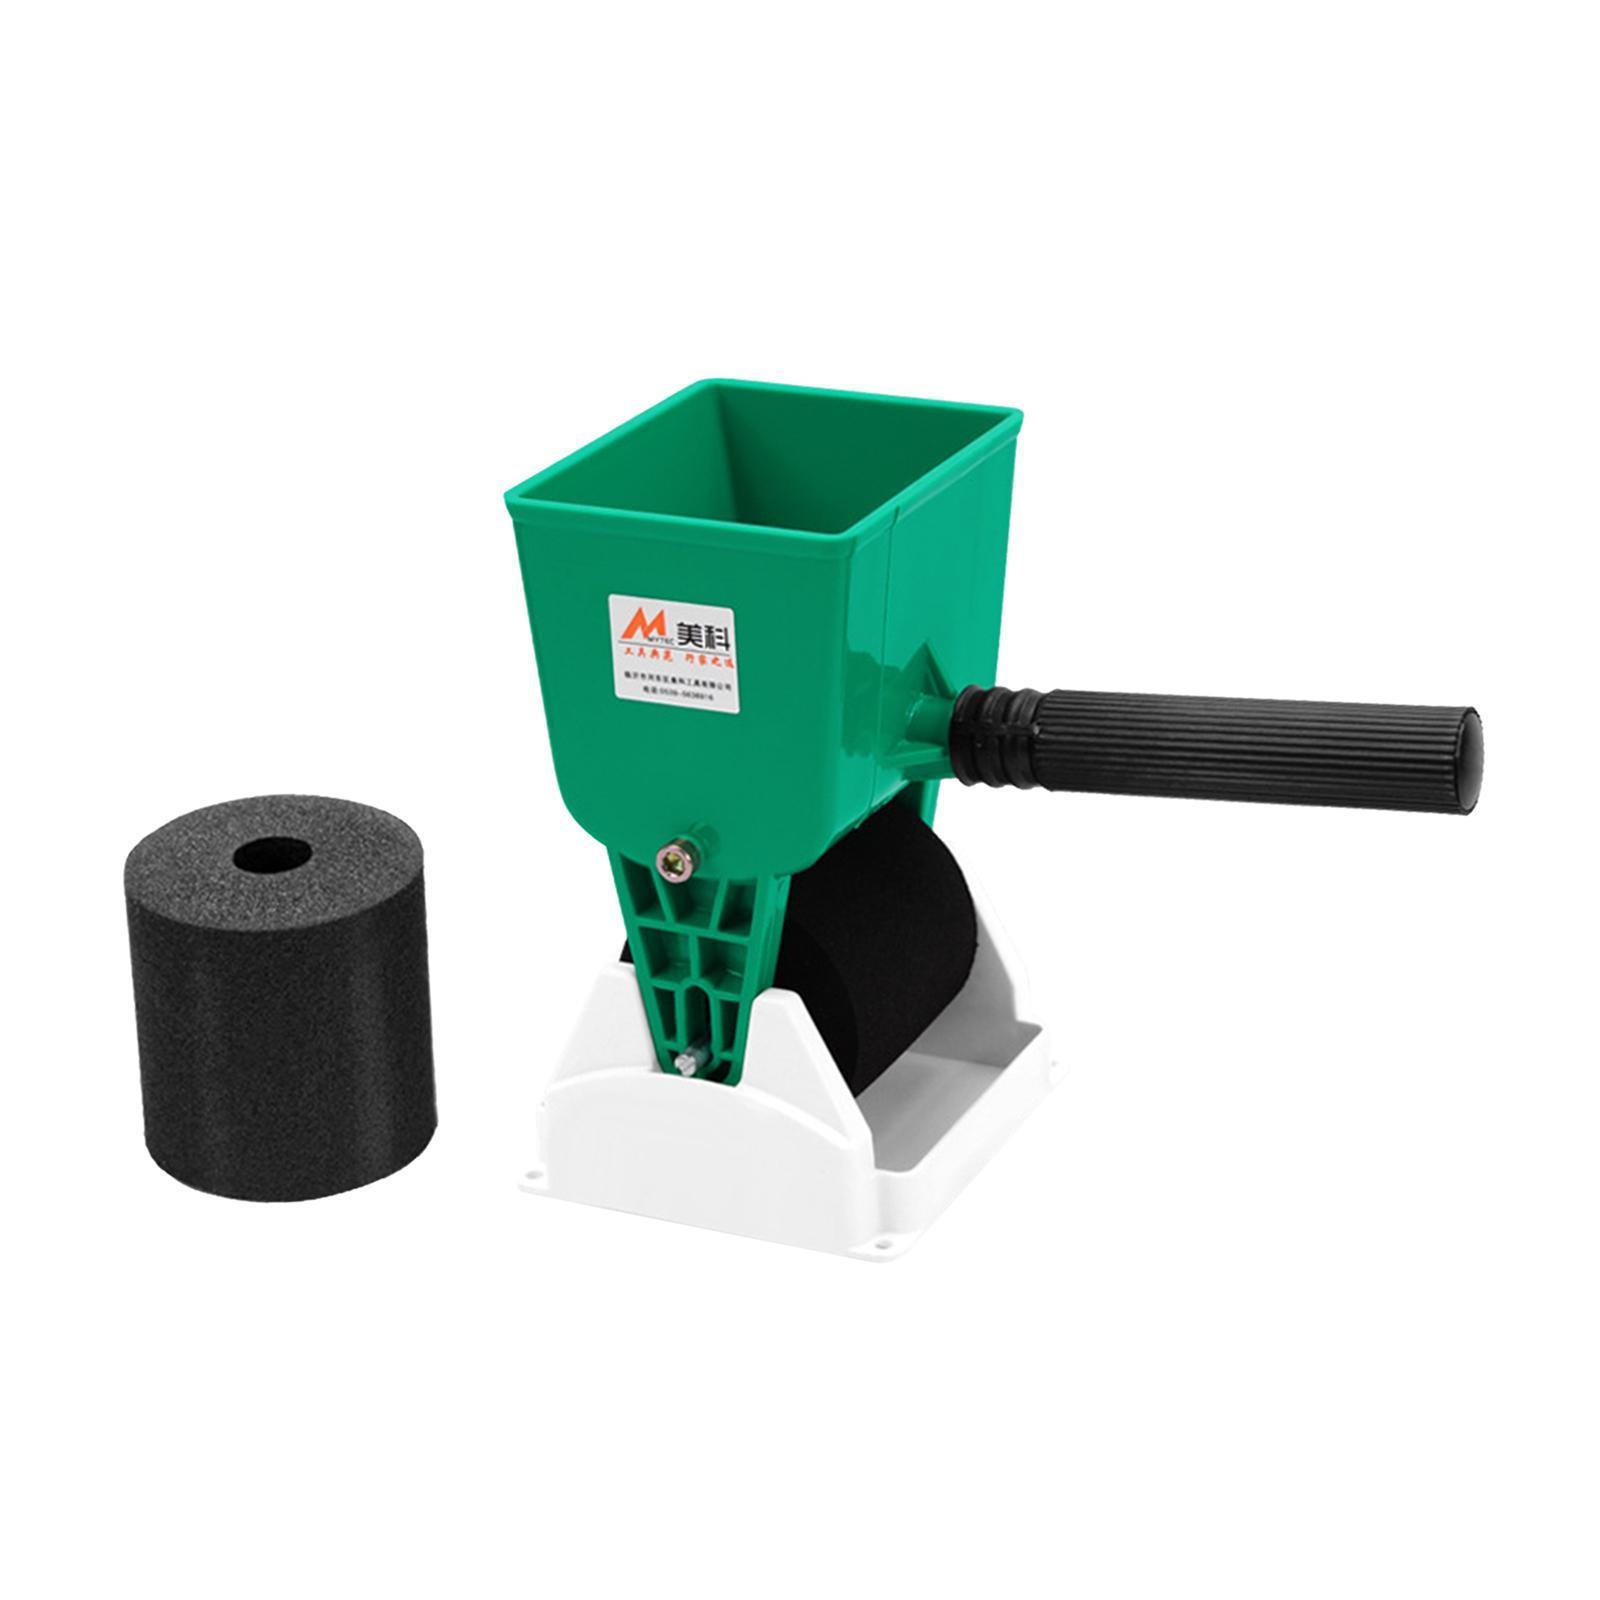 miniatura 4 - 180mL/320mL Portatile Colla Applicatore Rullo Professionale Rivestito Colla